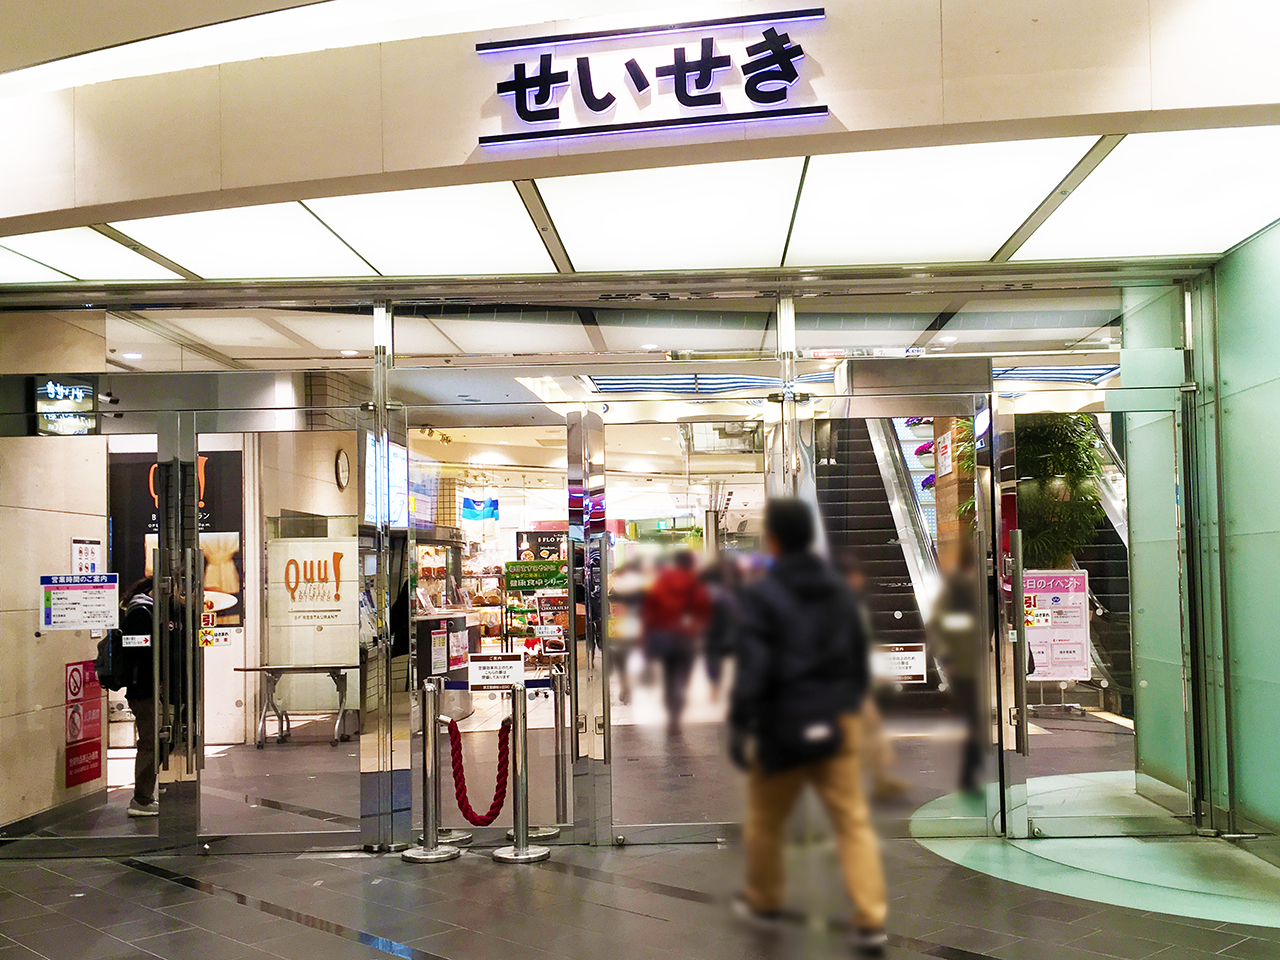 成城石井が聖蹟桜ヶ丘駅にオープンする模様